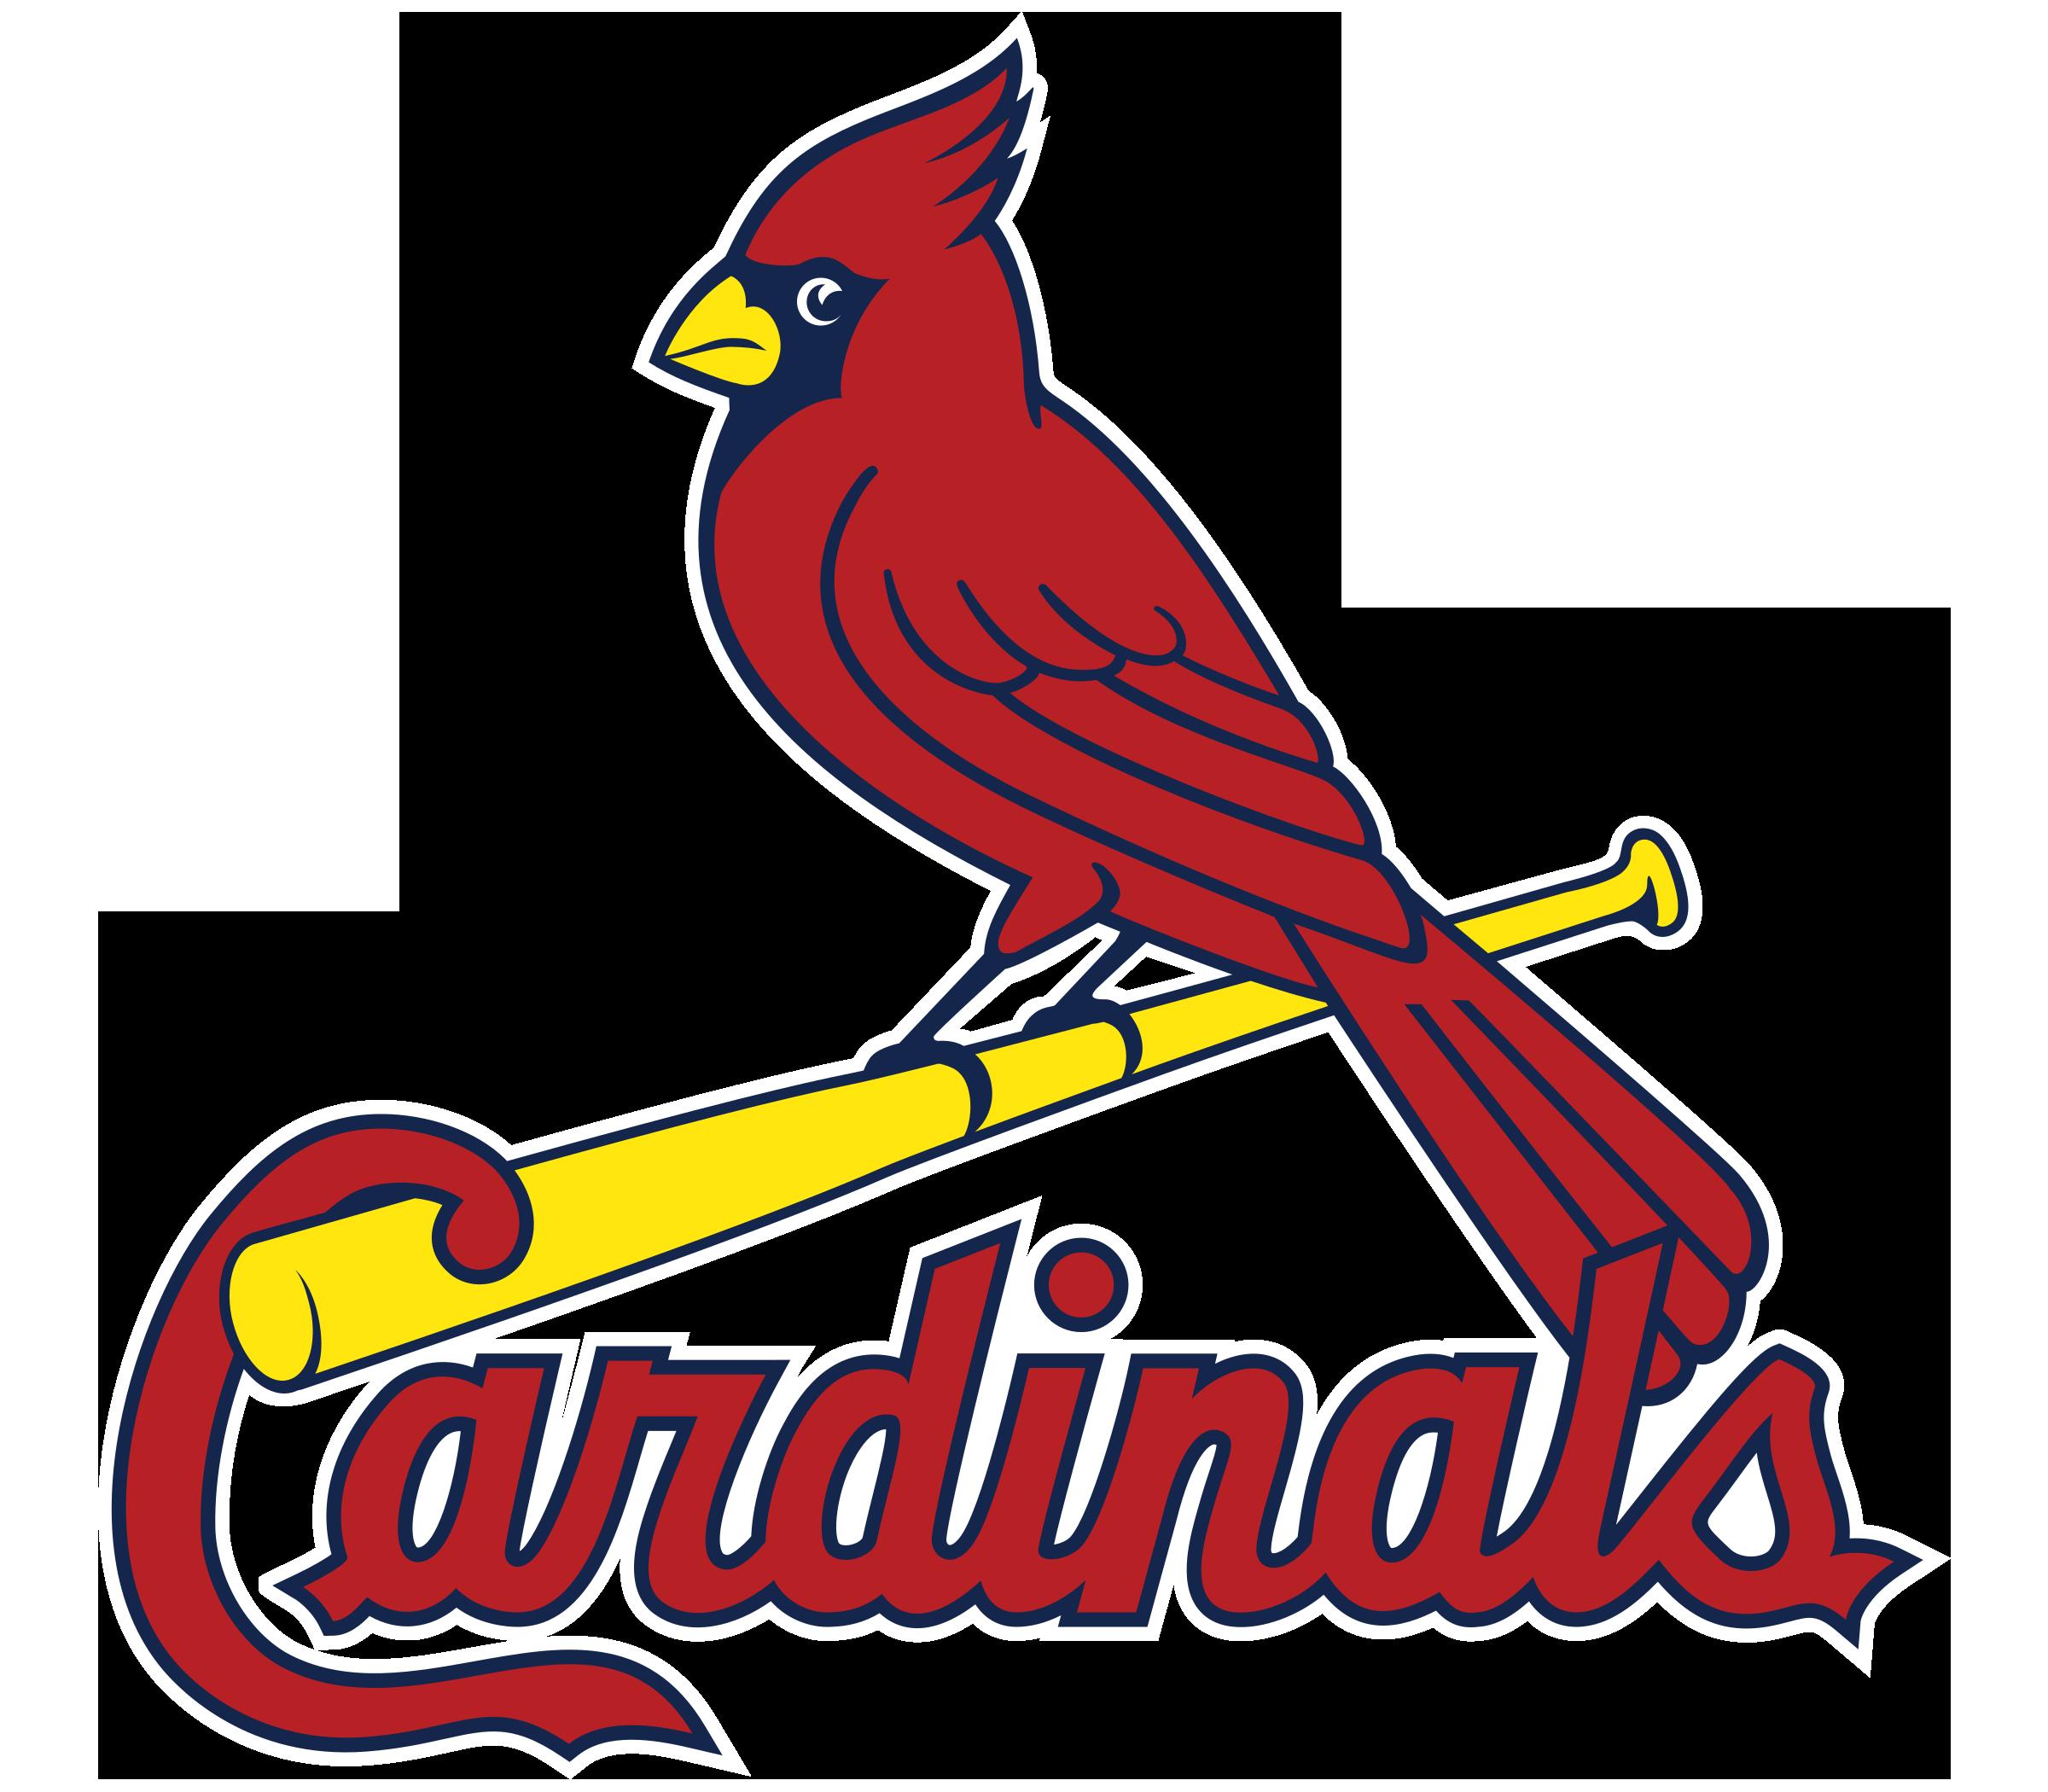 png transparent stock St louis cardinals logo. Cardinal svg.